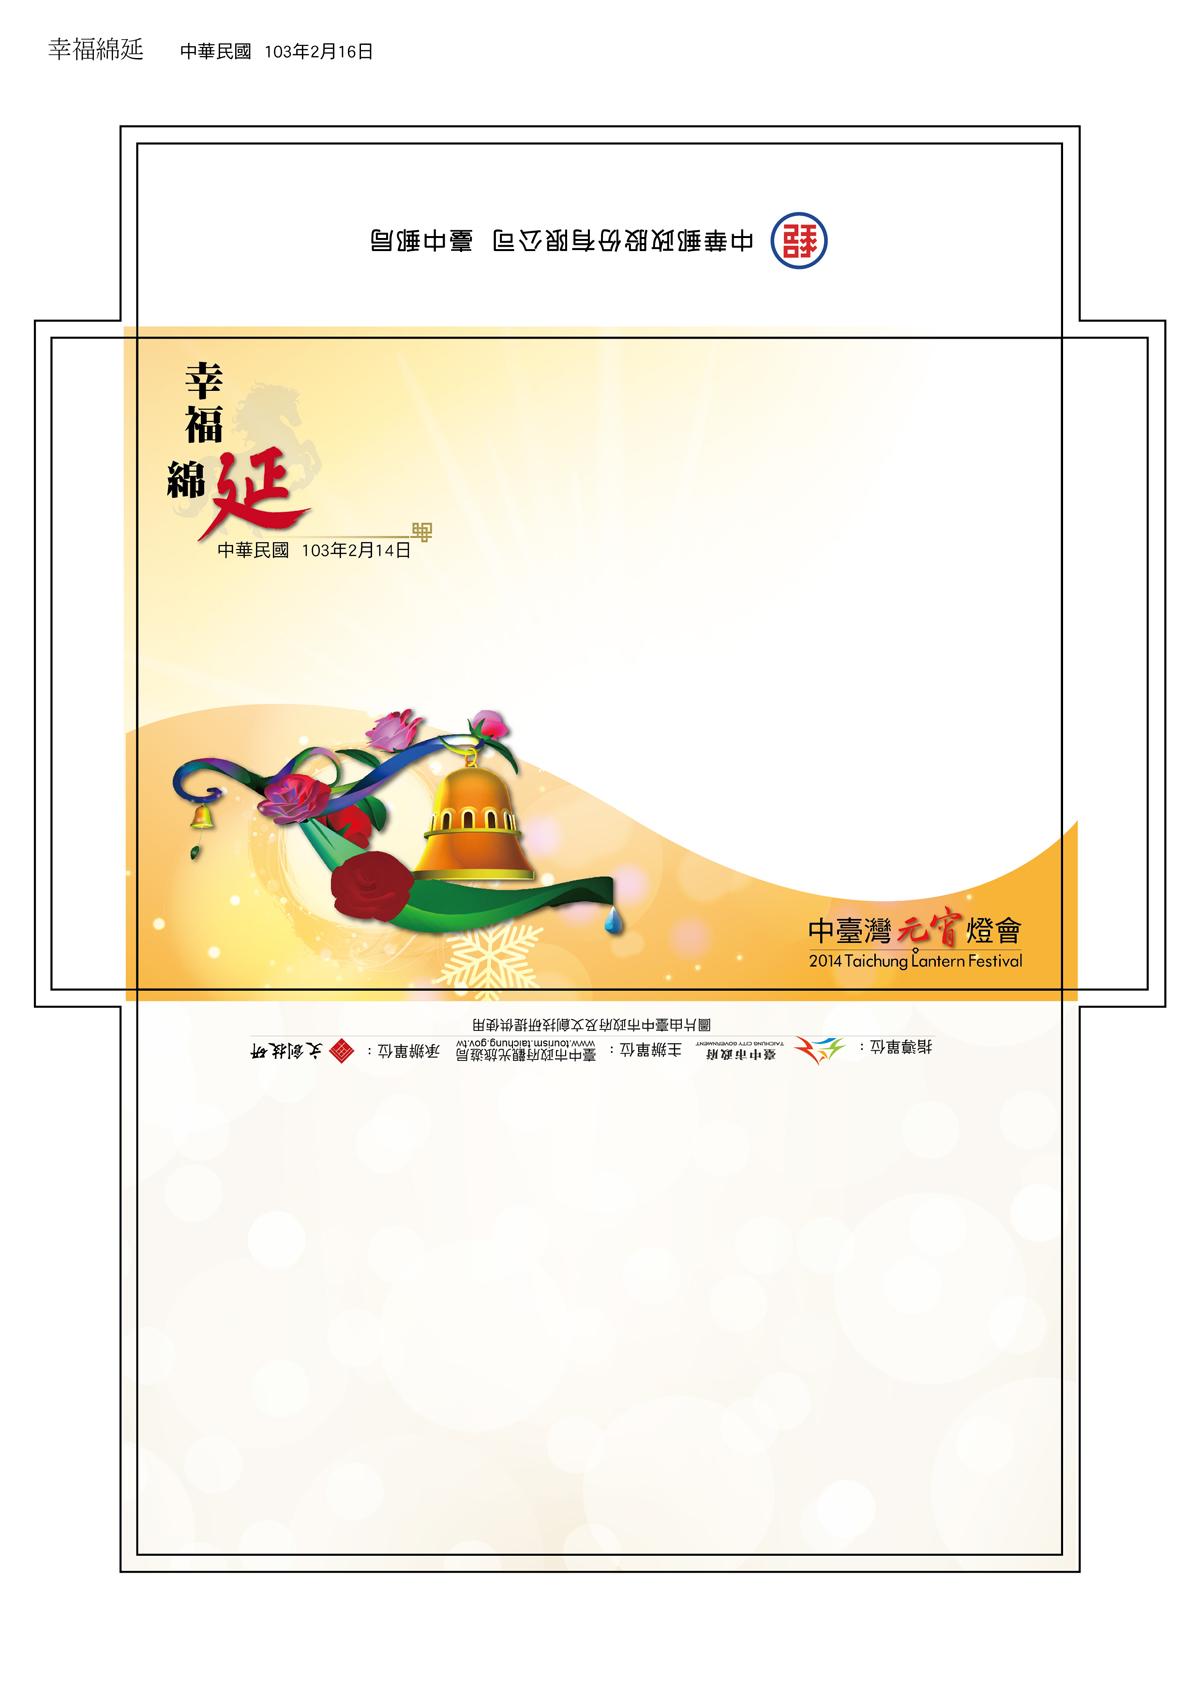 1030214-幸福綿延台中燈會燈會局贈封